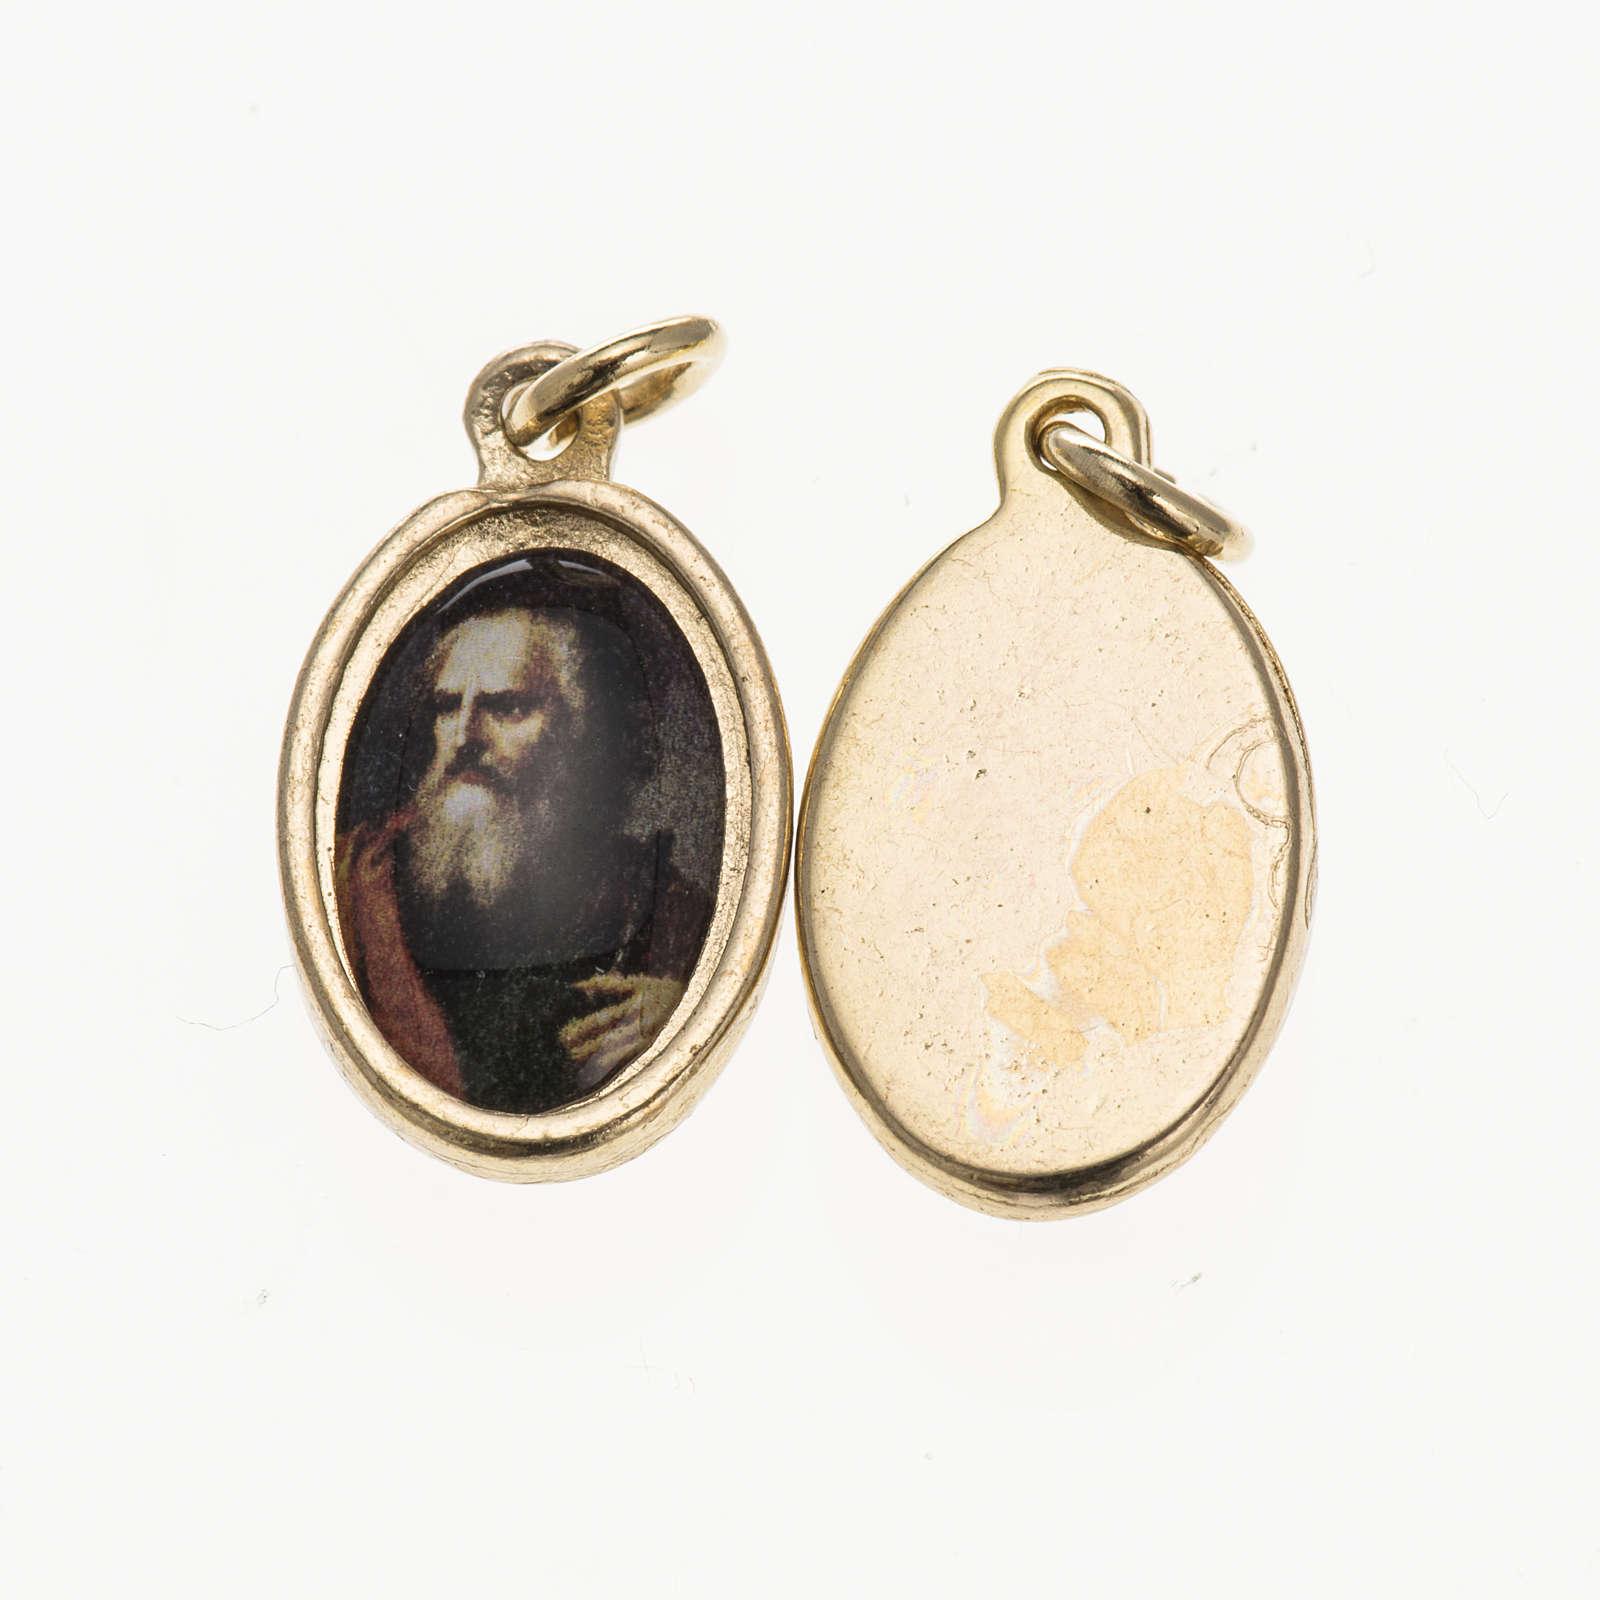 Medalla rostro San Paolo metal dorado resina 1,5x1cm 4